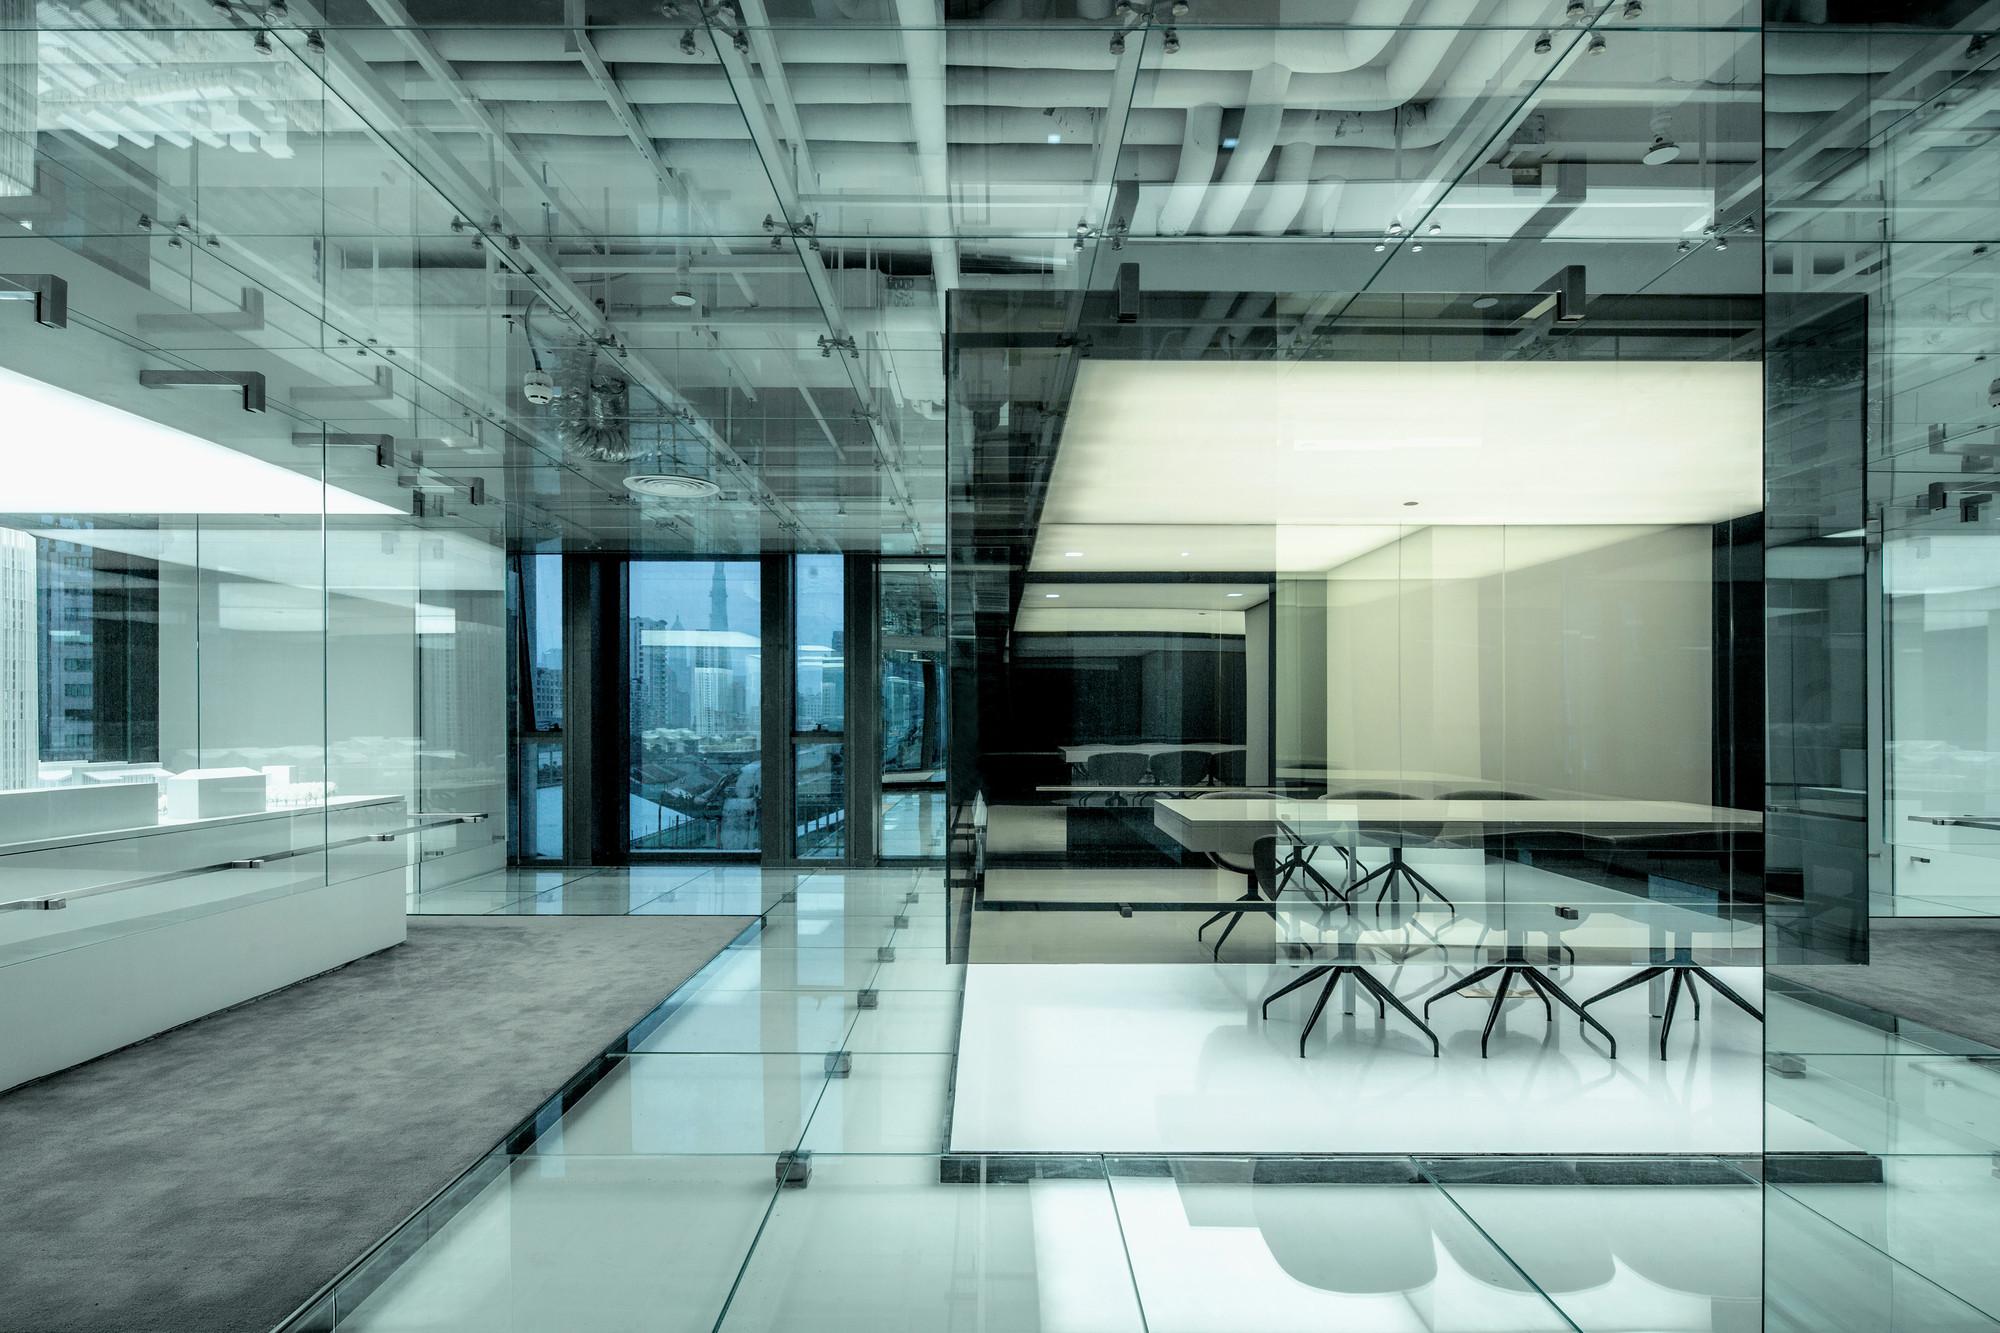 Galer a de oficinas de vidrio soho china aim for Oficina de infiltrados temporada 3